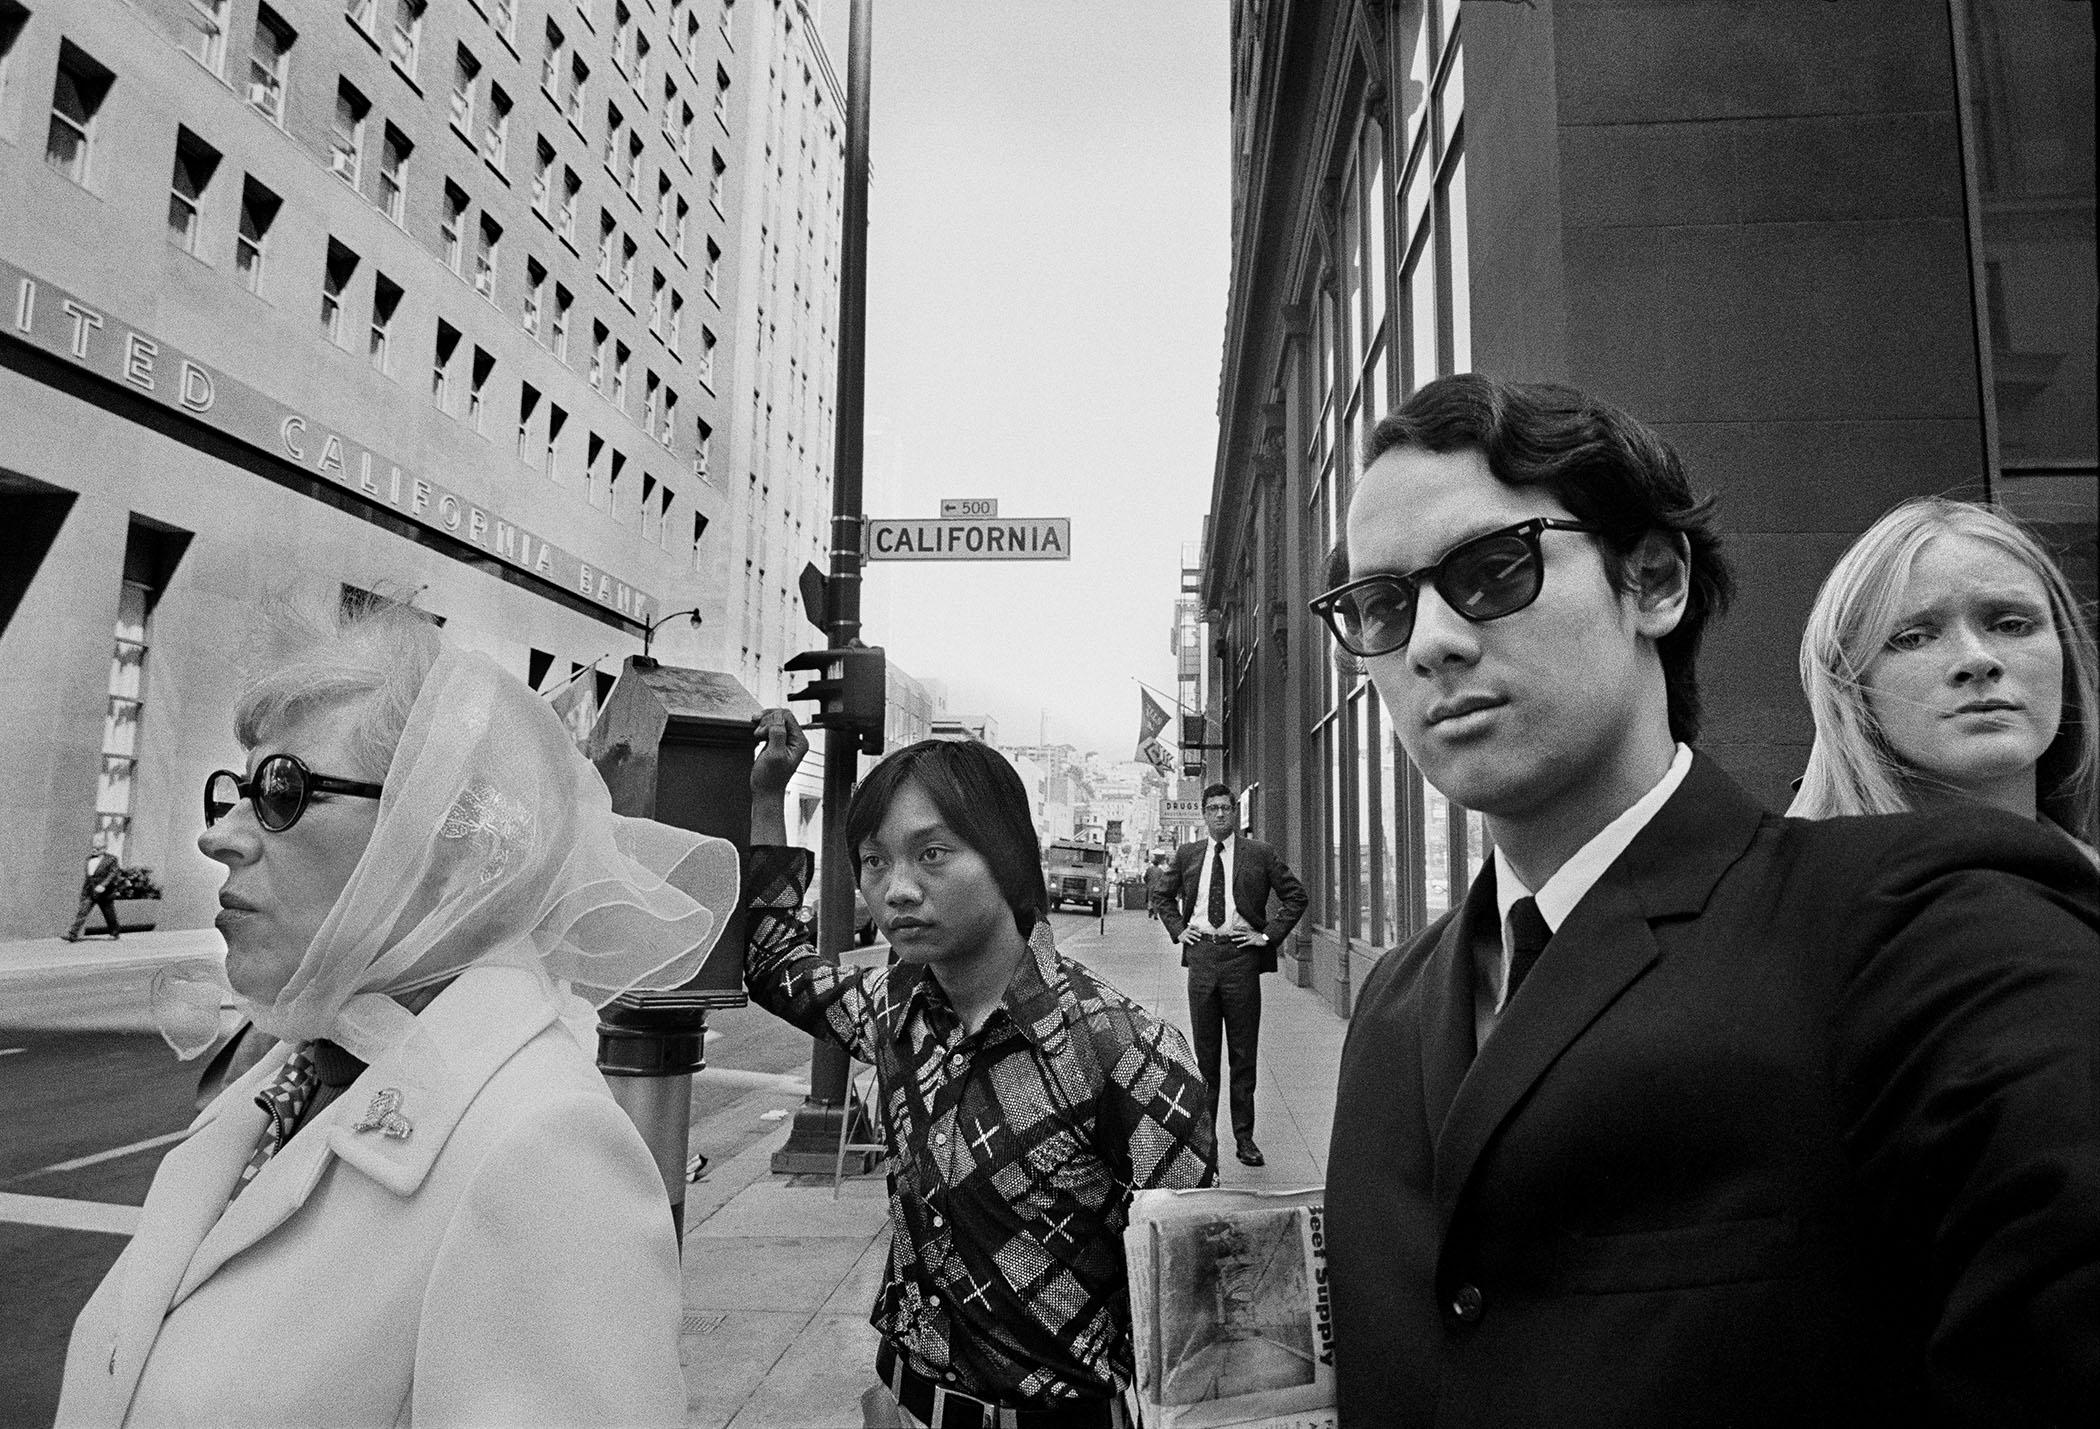 SELF-PORTRAIT, FINANCIAL DISTRICT SAN FRANCISCO, 1973 © Michael Jang